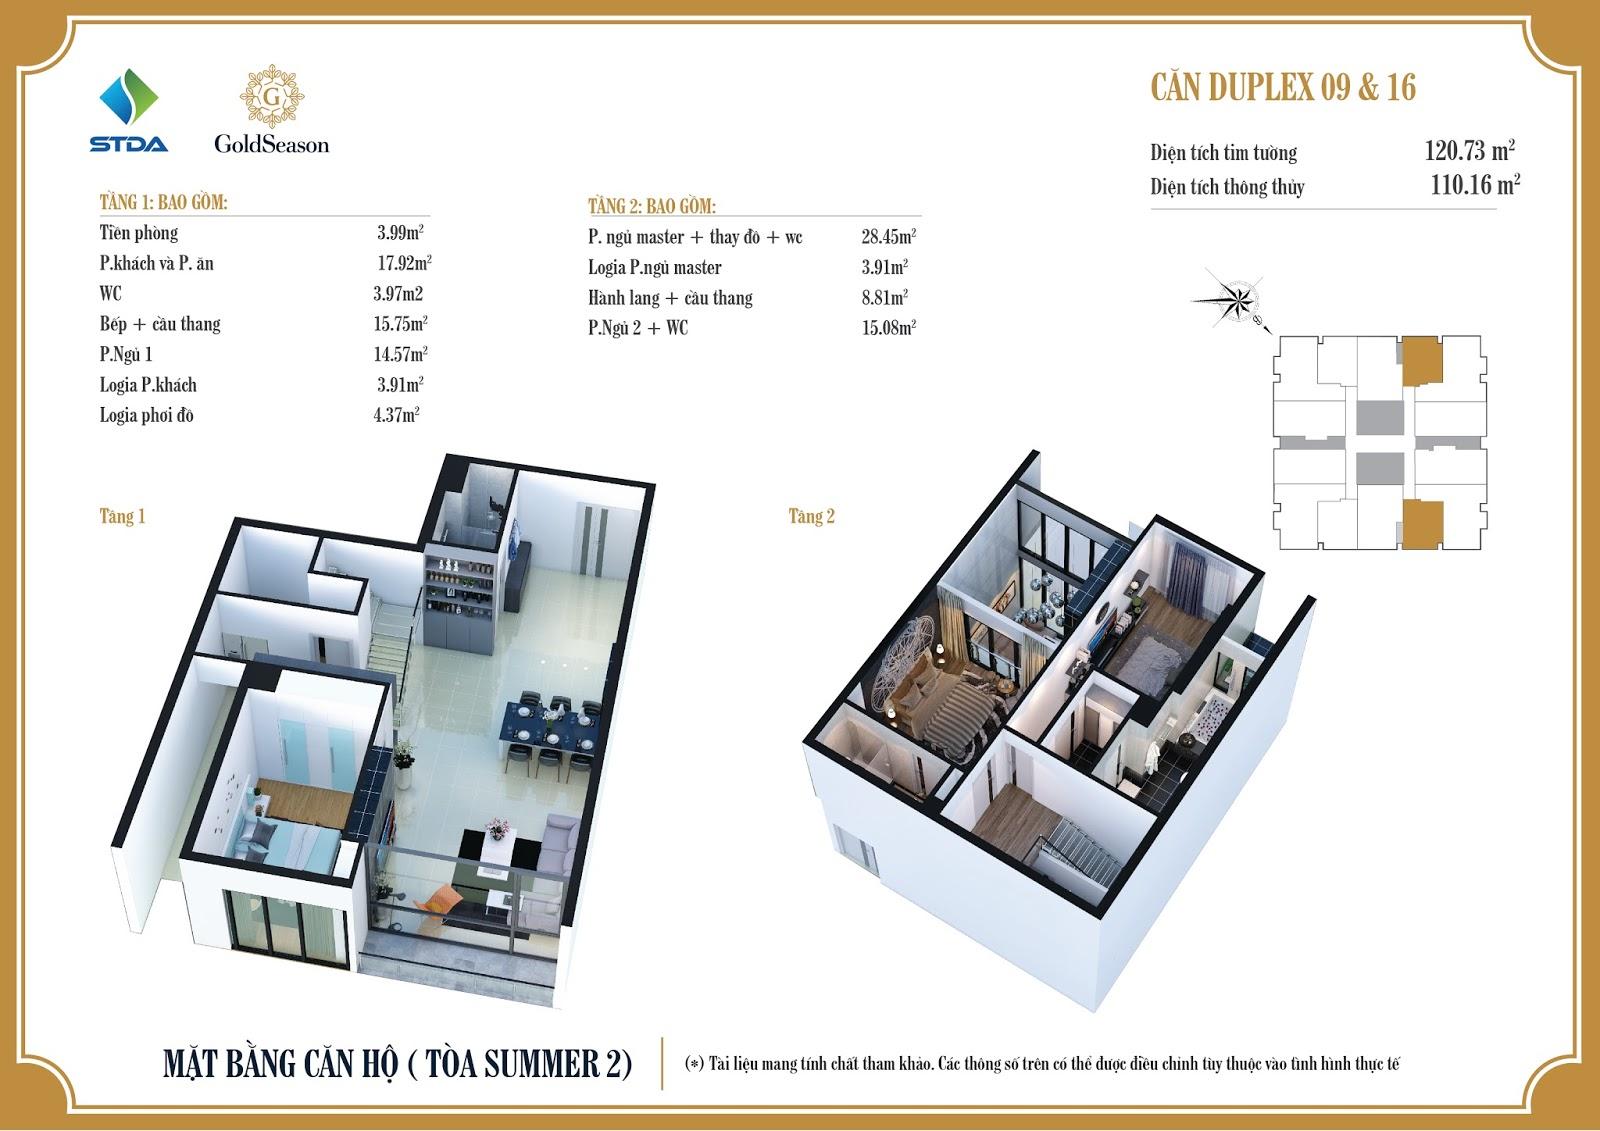 Mặt bằng 3D căn hộ Duplex tòa Summer 2 căn số 09 và 16